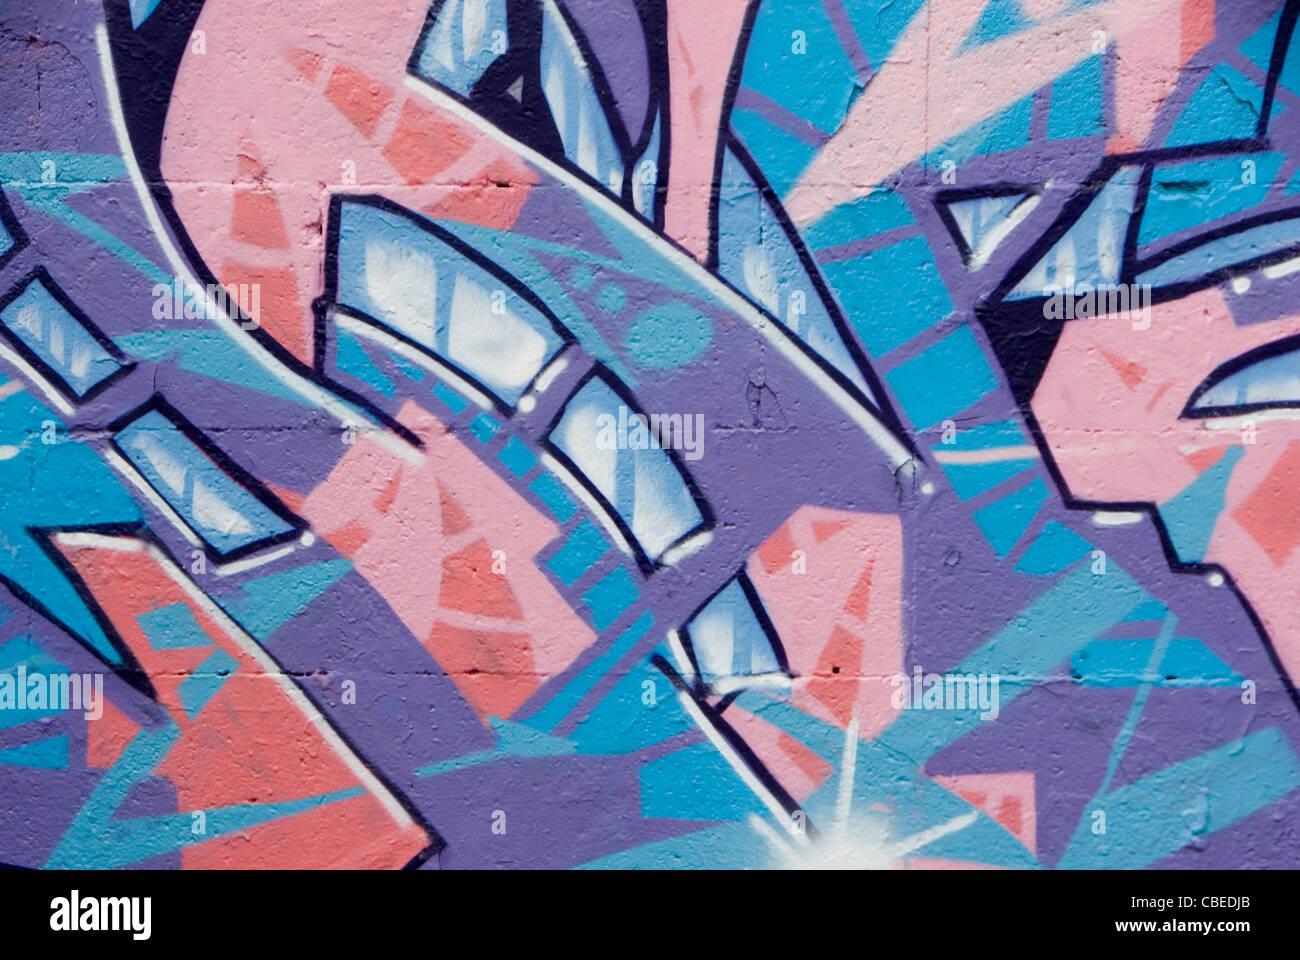 Graffiti art background - Pink Purple Abstract Graffiti Art Background Sheffield Uk